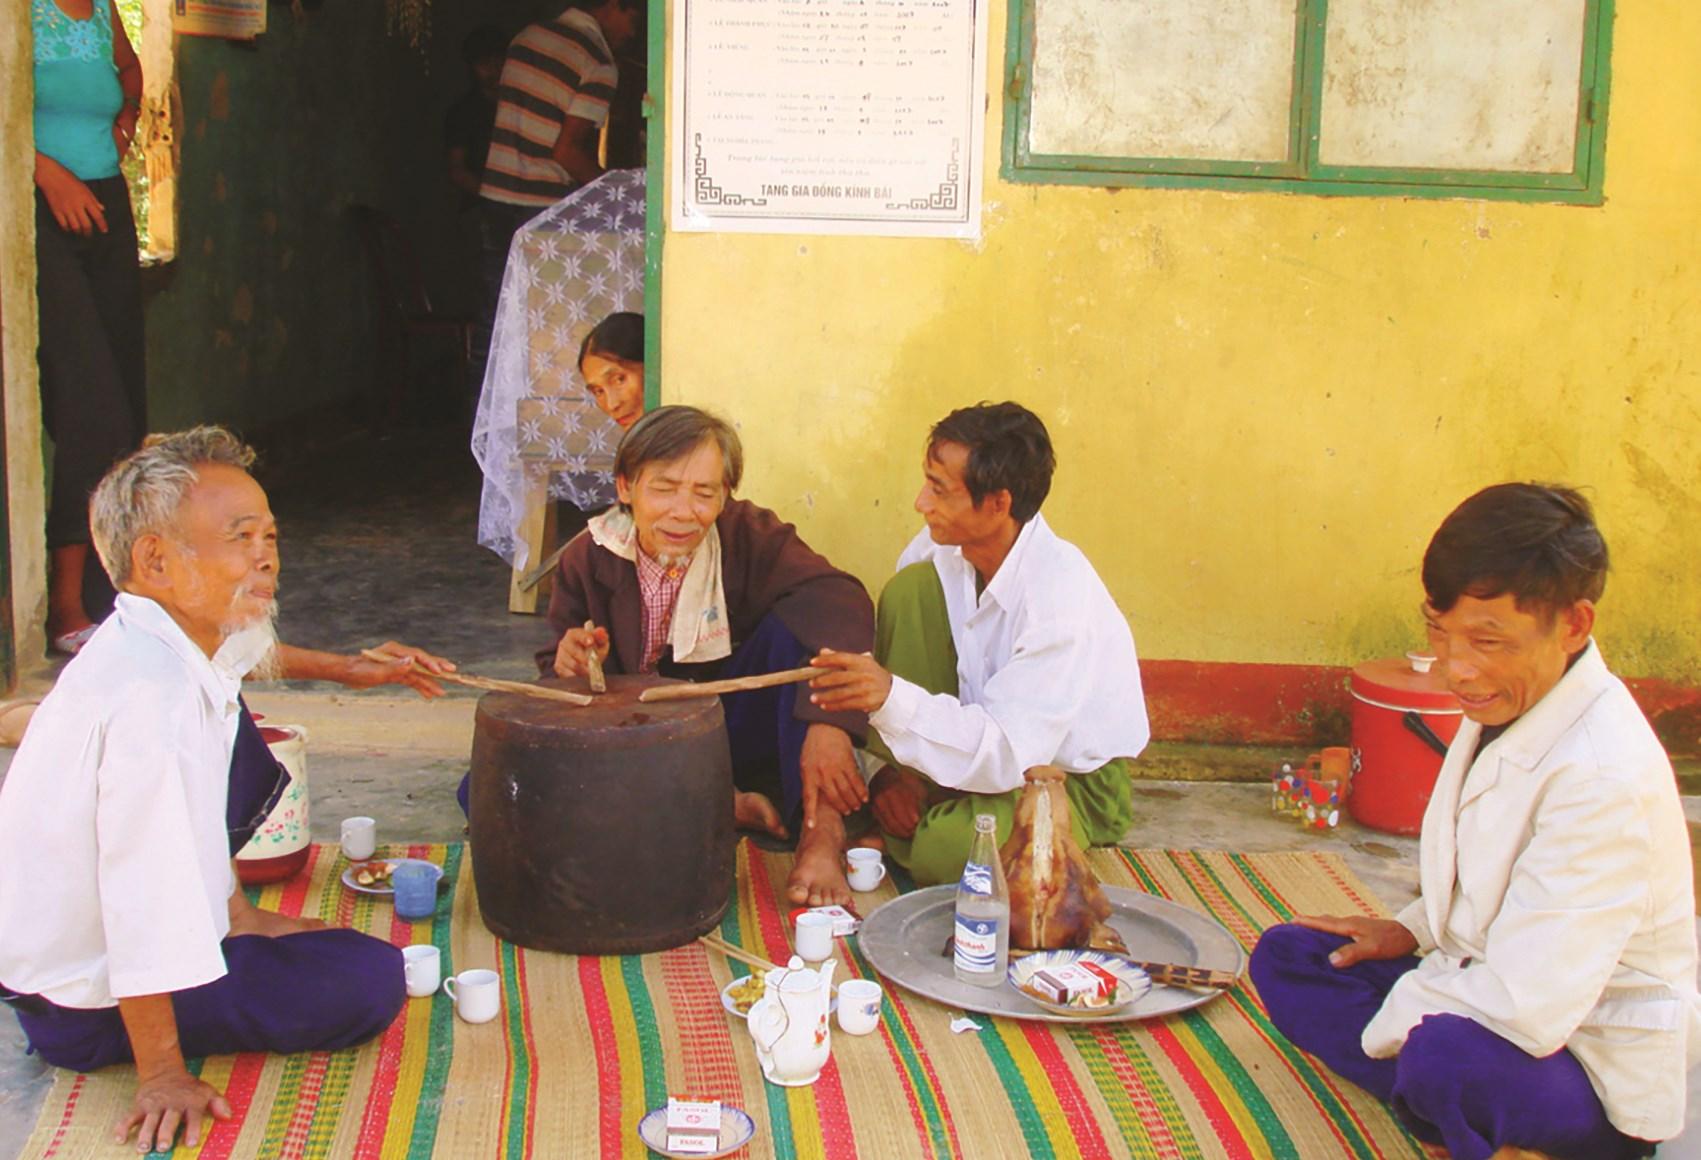 """Những người cao niên đang hát lý """"khóc người chết"""" tại thôn Giàn Bí, xã Hoà Bắc (Hoà Vang – TP. Đà Nẵng)"""